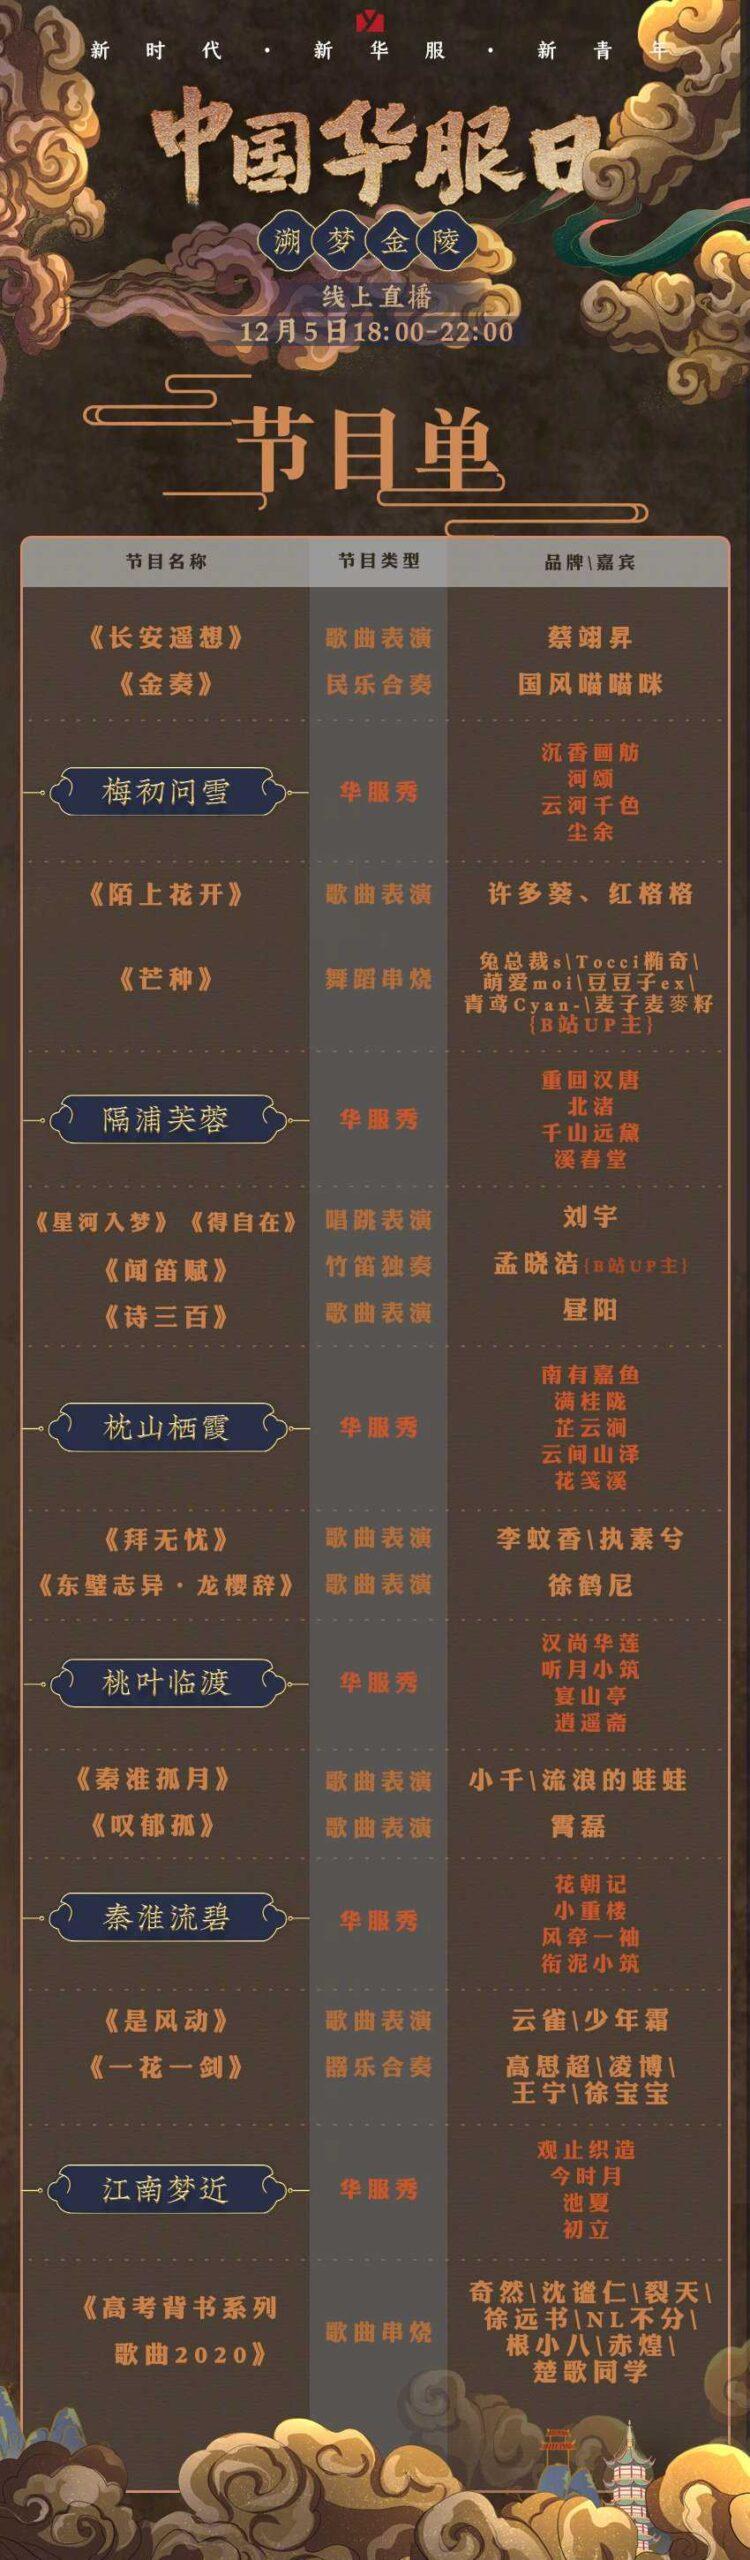 2020中国华服日节目单,2020华服日在哪里